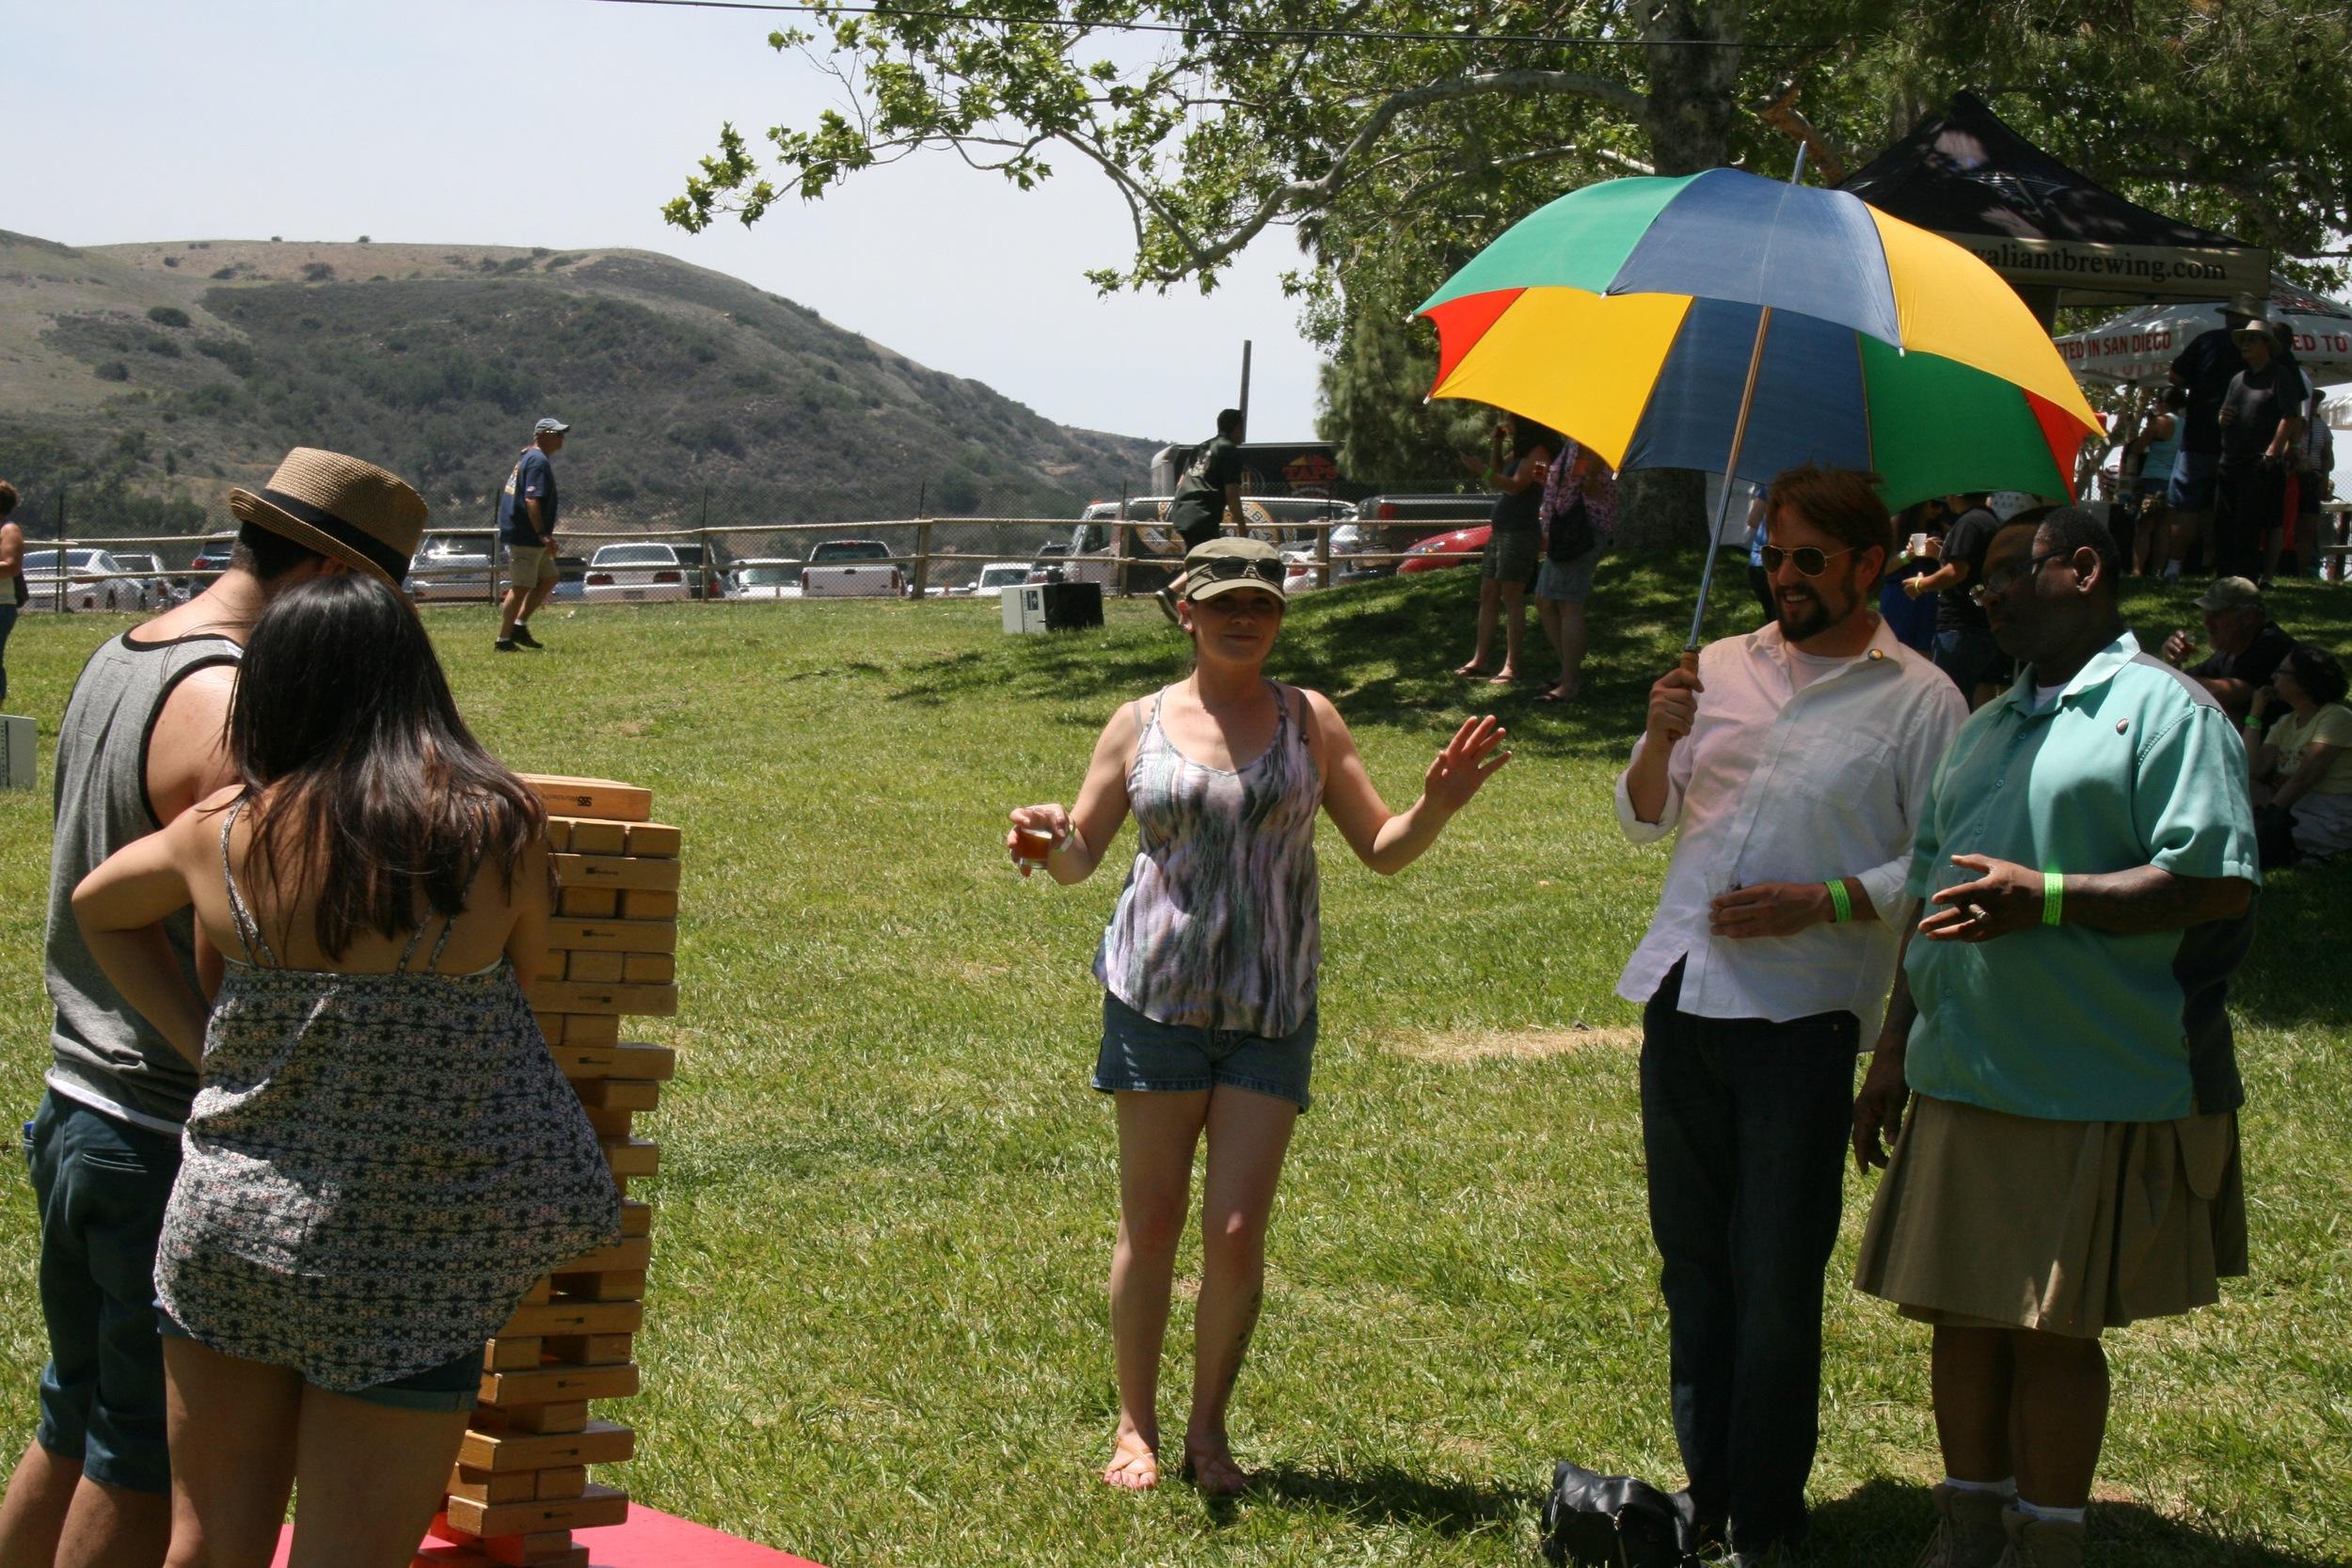 Jenga, kilts, and more dancing